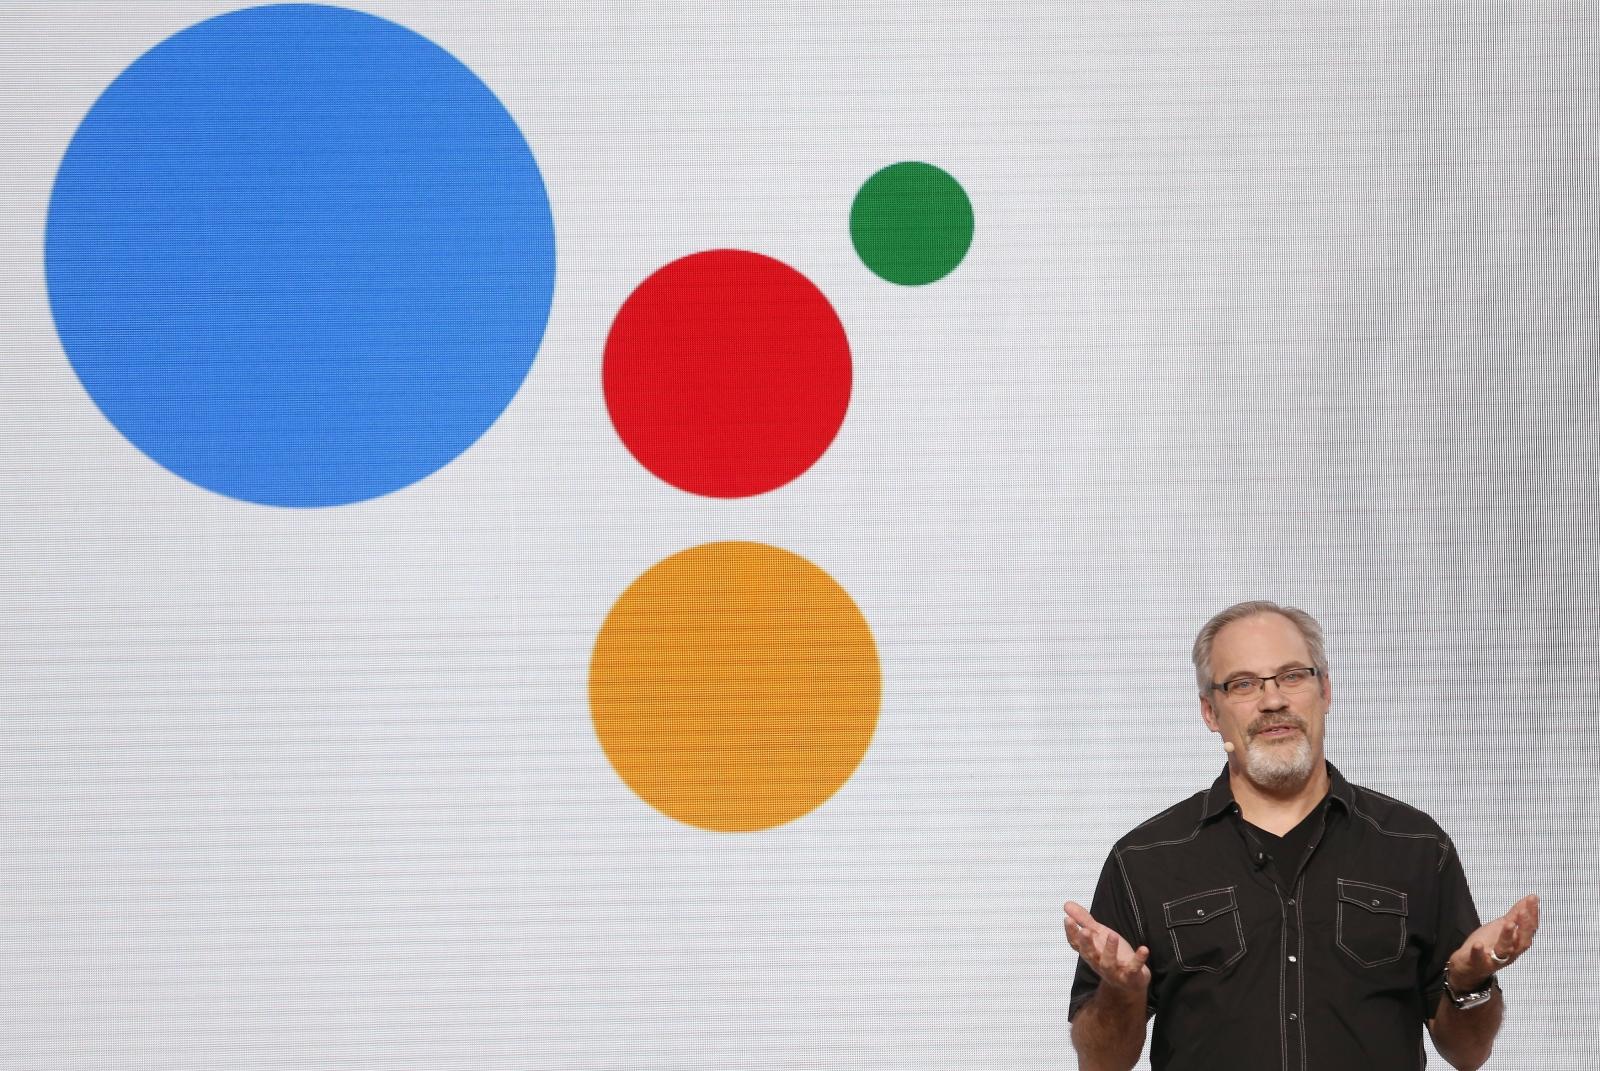 Google Assistant Scott Huffman